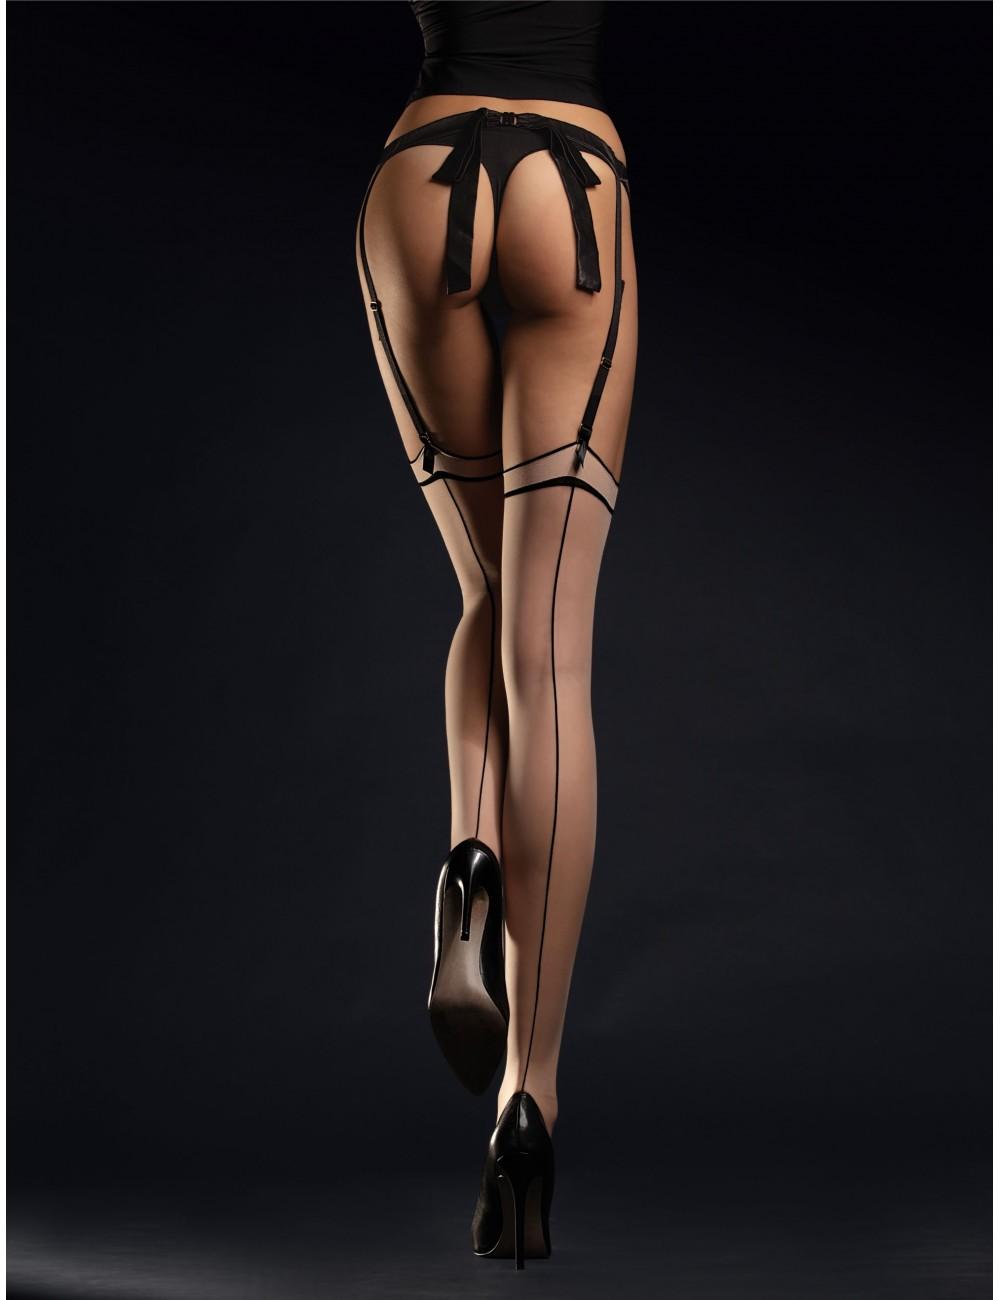 Lingerie - Bas - Bas sexy noire avec jarretiere 20 DEN Nude Madame - Fiore